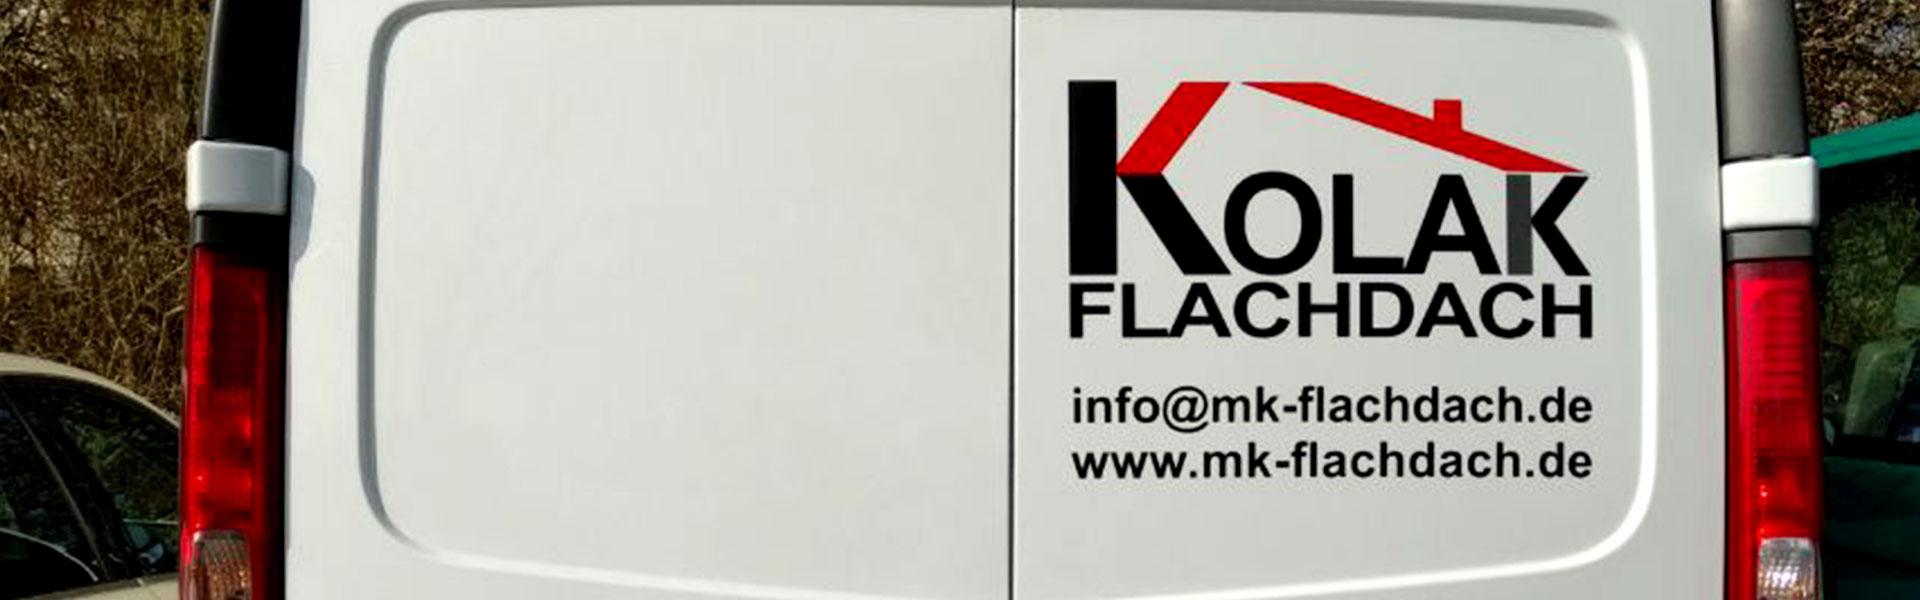 Auto Heck mit Aufdruck des Kolak Flachdach Logos